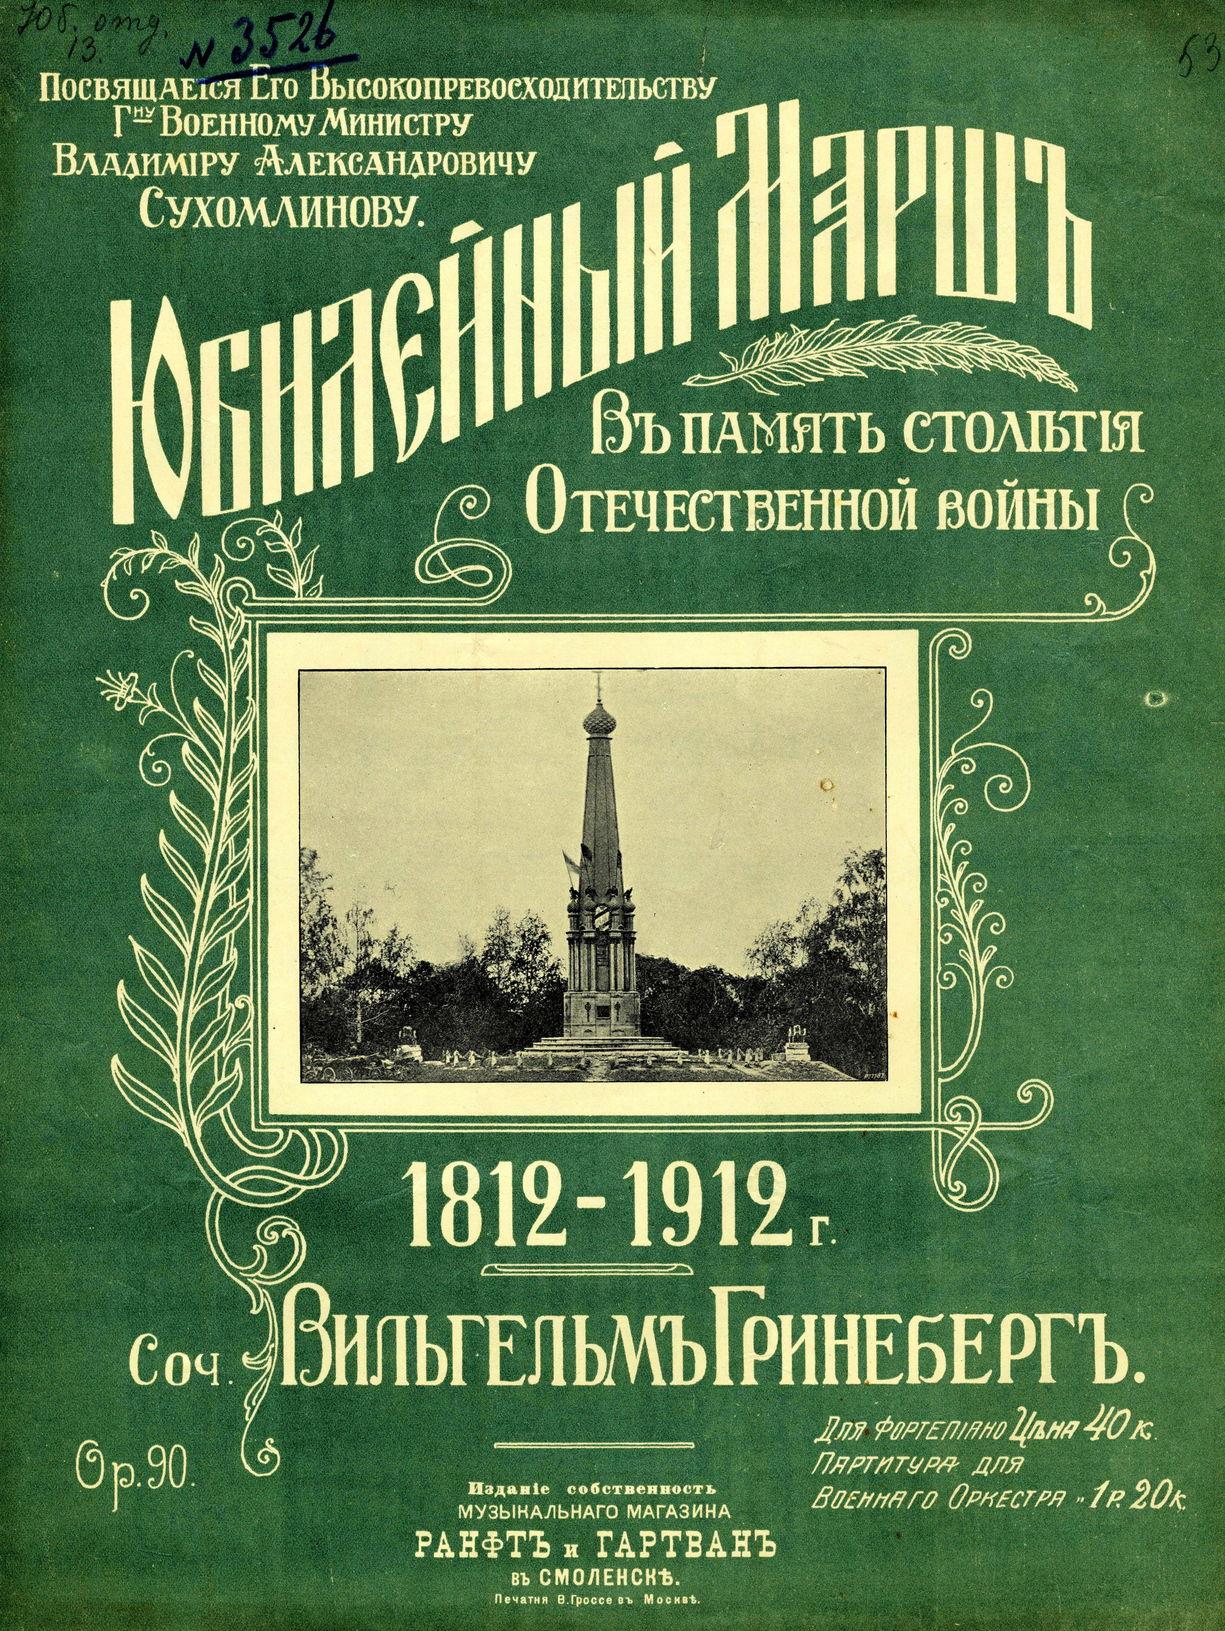 В. Гринеберг. Торжественный марш в память столетия Отечественной войны, 1912 г. Дар автора